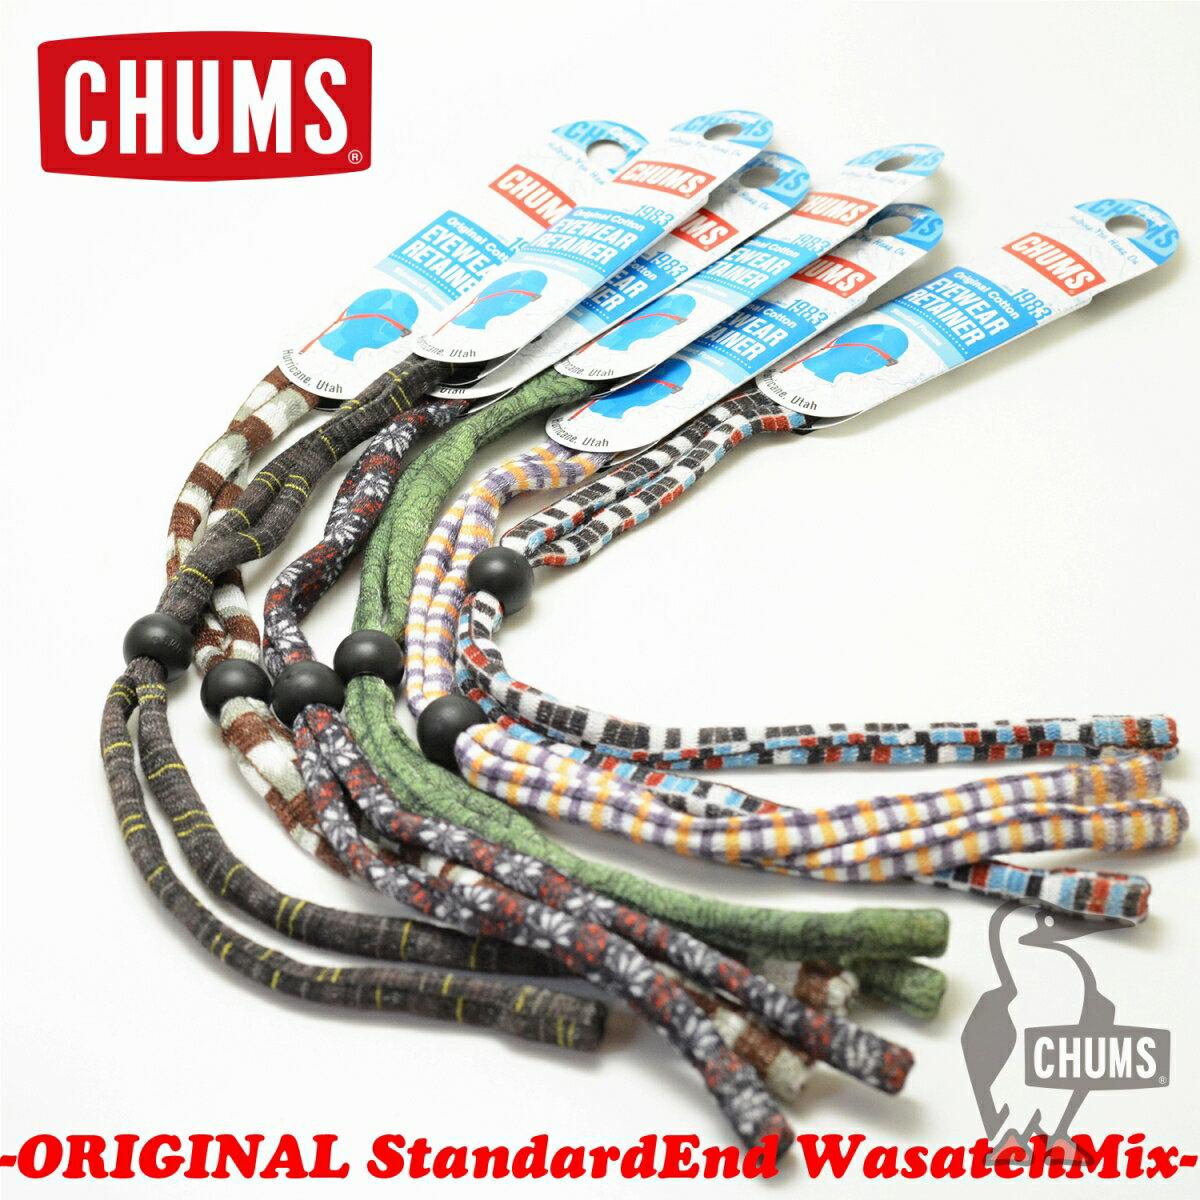 チャムス CHUMS メガネストラップORIGINAL StandardEnd『WasatchMix』(CH61-0224)(オリジナル スタンダードエンド ワサッチミックス)グラスコード サングラスストラップ 眼鏡ストラップ メガネ メガネチェーン スポーツ メガネ ストラップ めがねストラップ